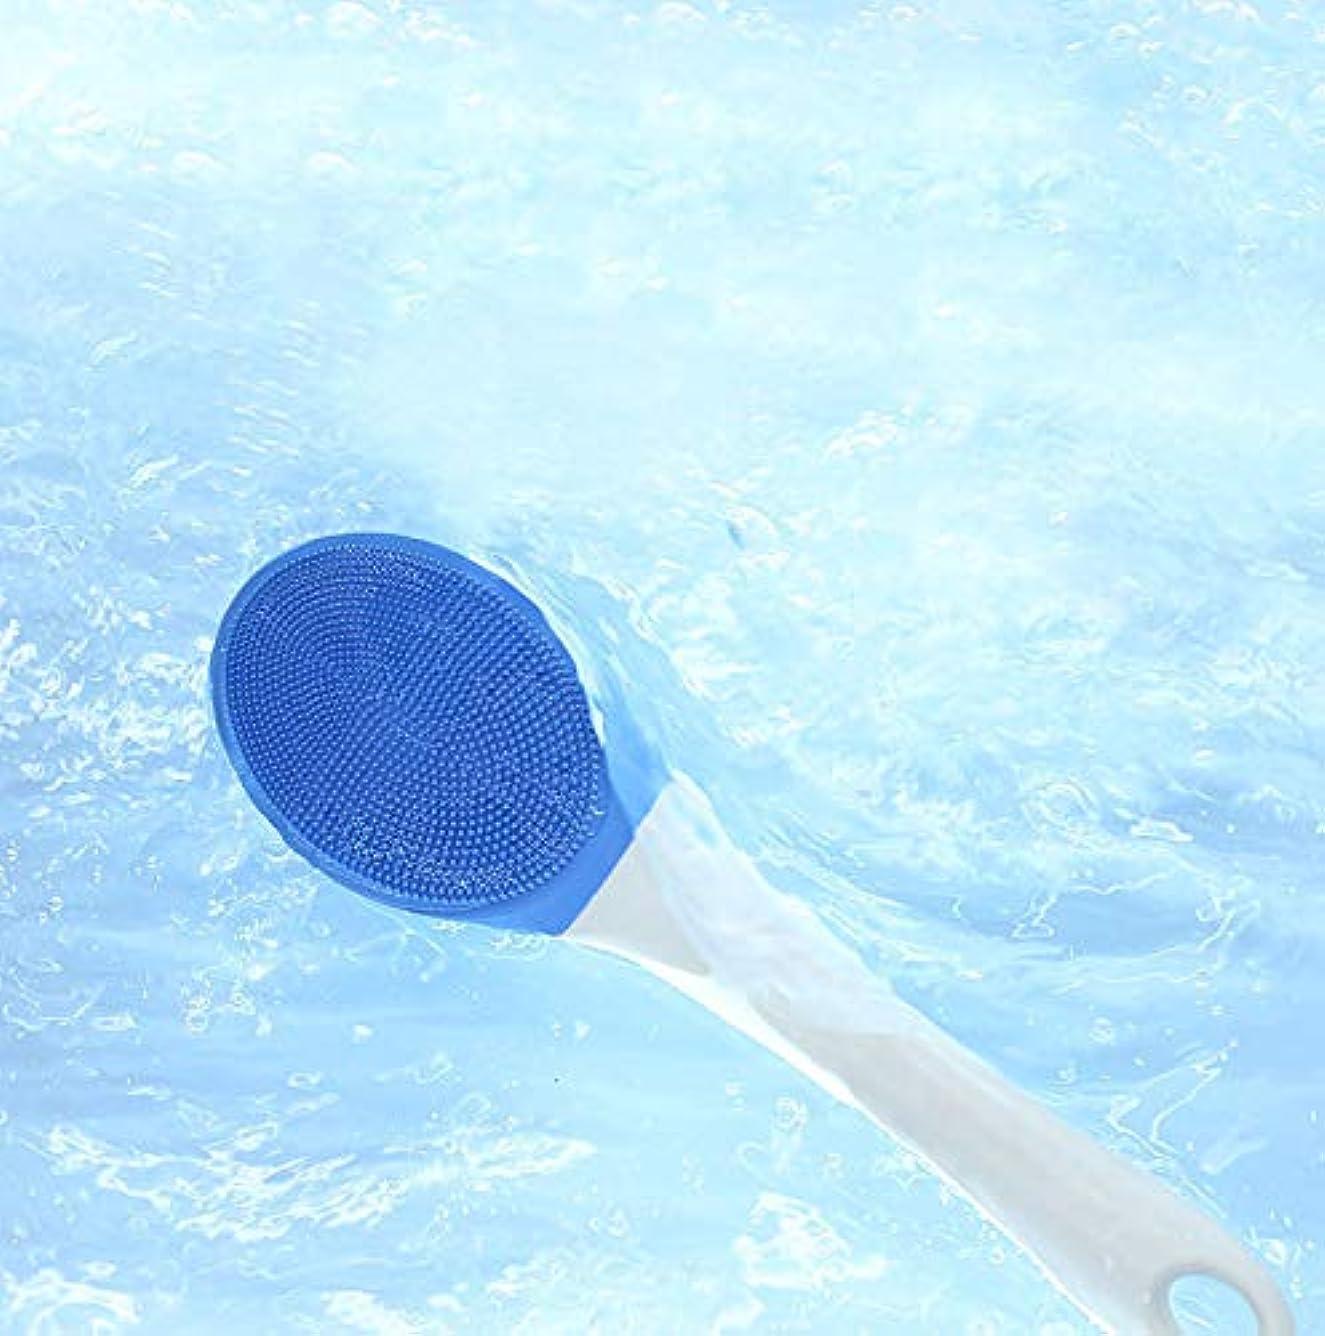 無謀賞賛する管理電気バスブラシ、防水ボディ、洗顔ブラシロングハンドルソニック電動スクラバーディープクリーニング用3スピード調整可能なパルス振動,Blue